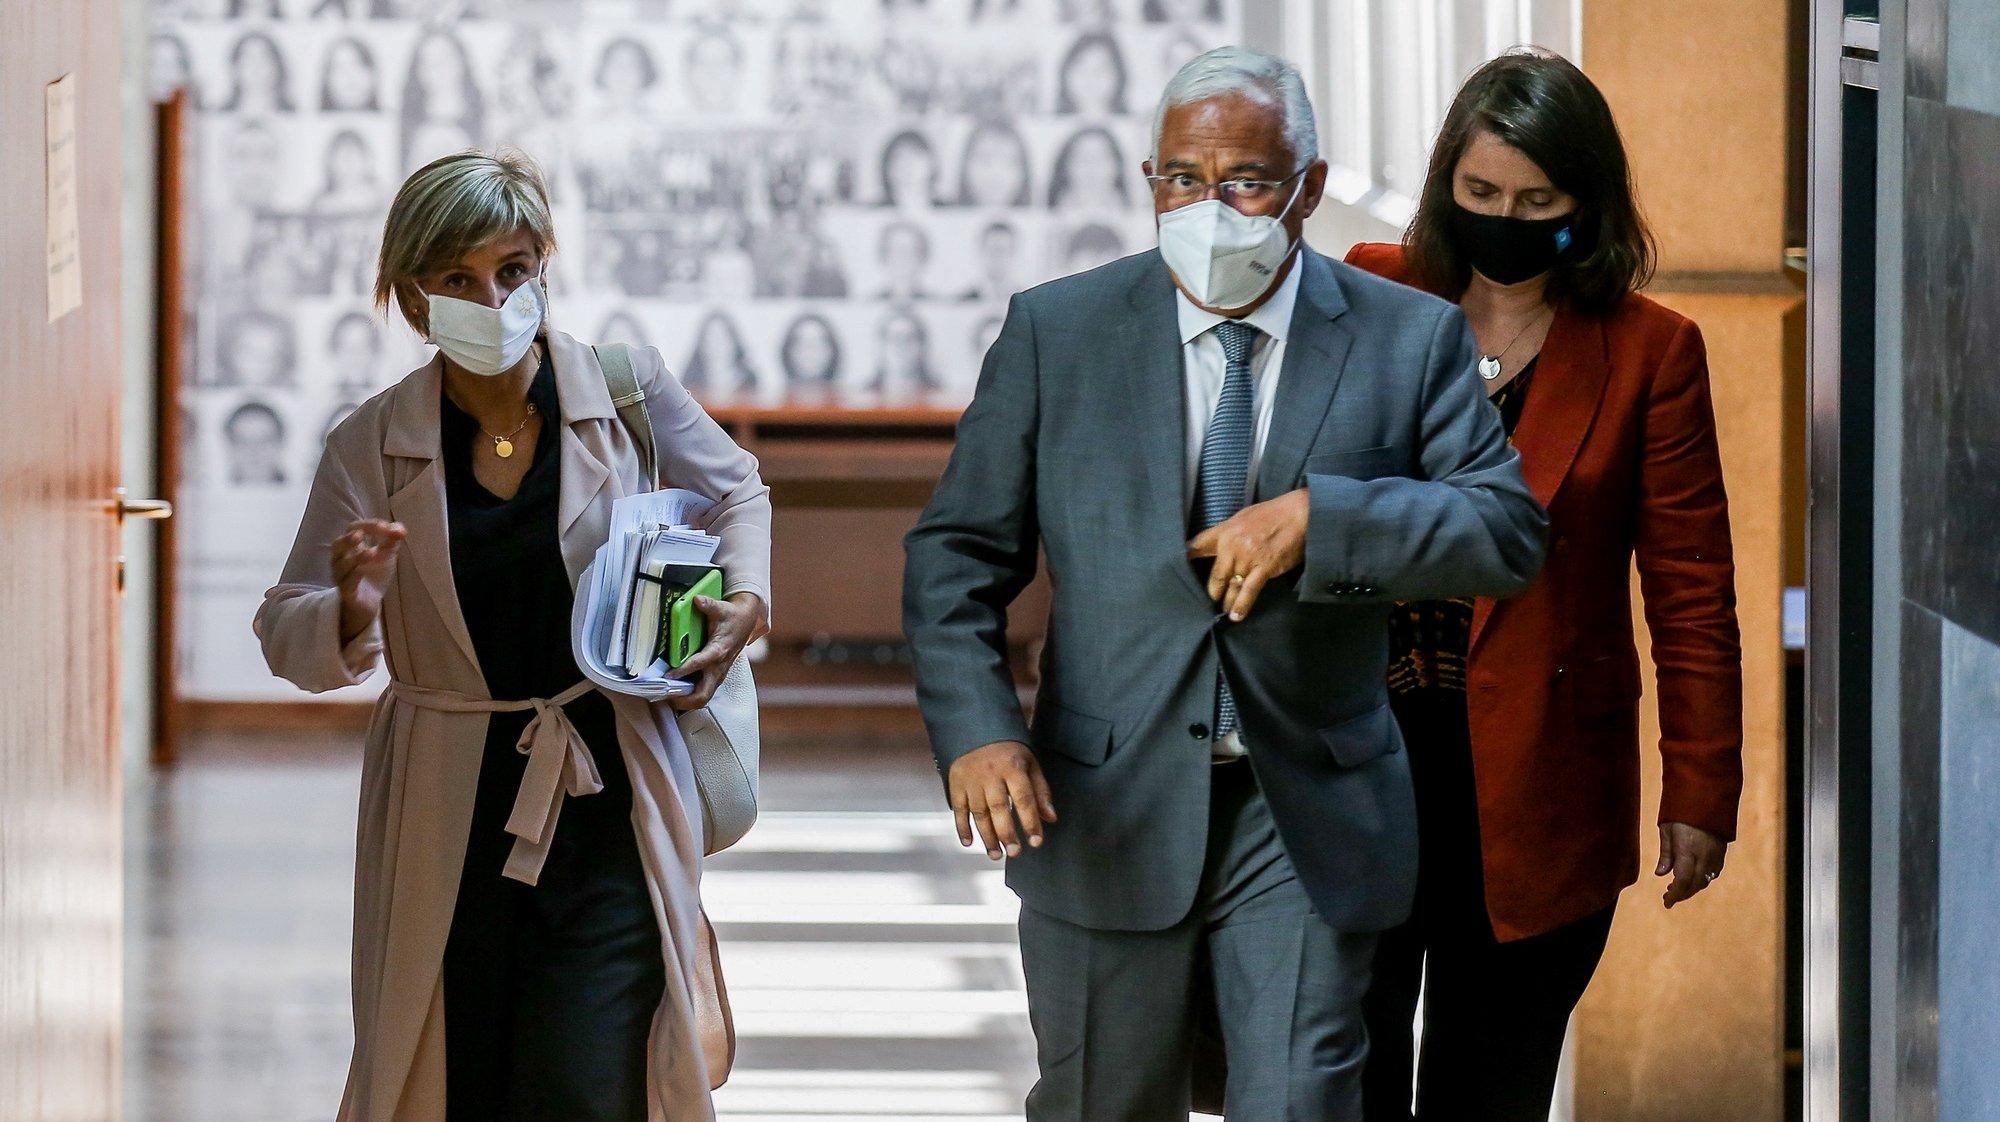 A ministra da Saúde, Marta Temido (E), e o primeiro-ministro, António Costa, à saída da 22ª sessão sobre a evolução da covid-19 em Portugal no Infarmed, Lisboa, 27 de julho de 2021. NUNO FOX/LUSA